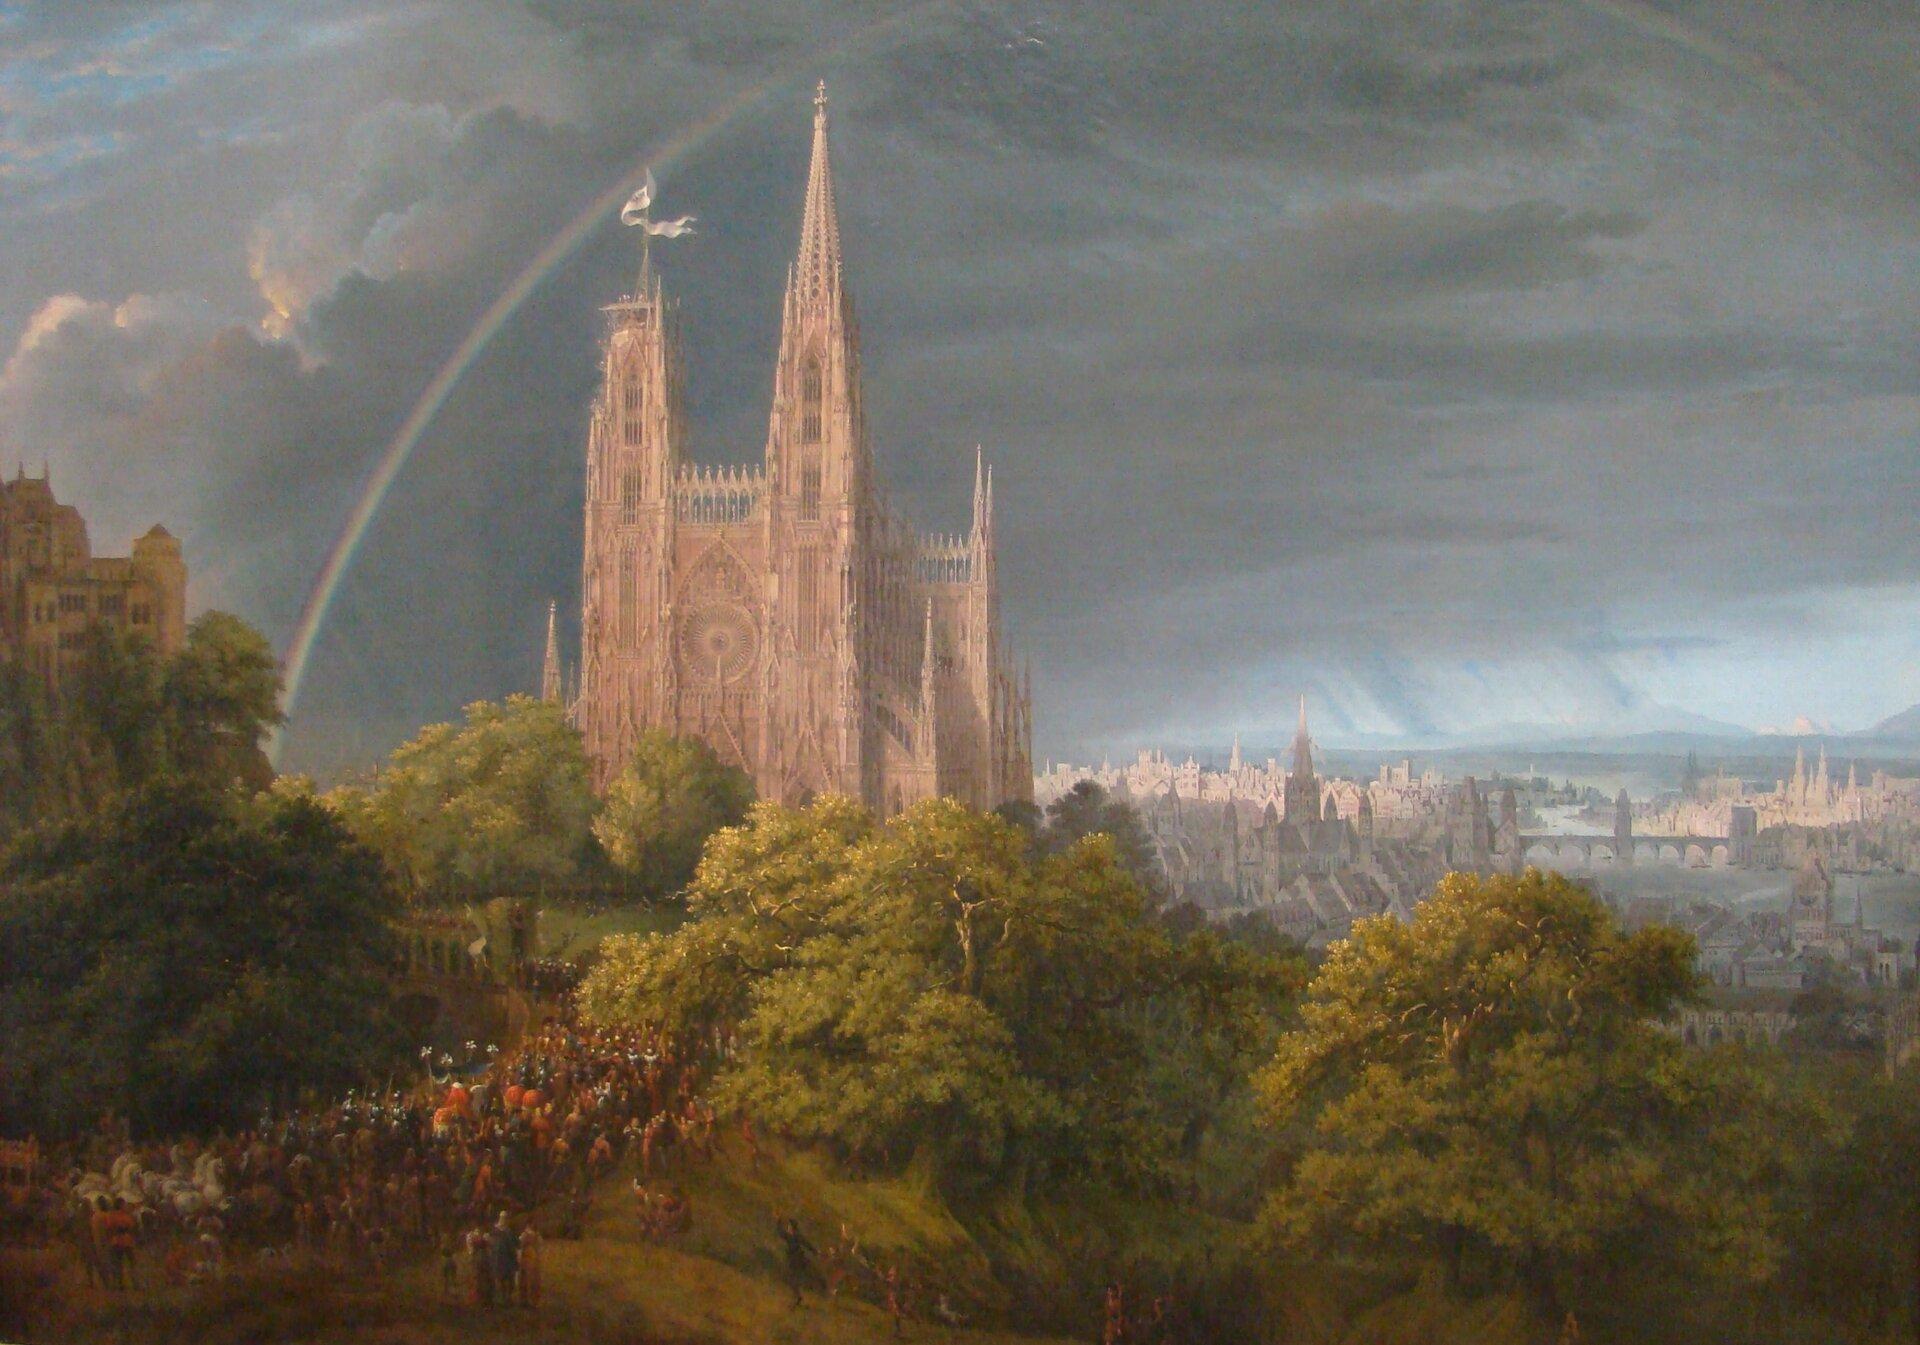 Średniowieczne miasto nad rzeką 2. Źródło: Karl Friedrich Schinkel, Średniowieczne miasto nad rzeką, 1815, olej na płótnie, Staatliche Museen zu Berlin, domena publiczna.